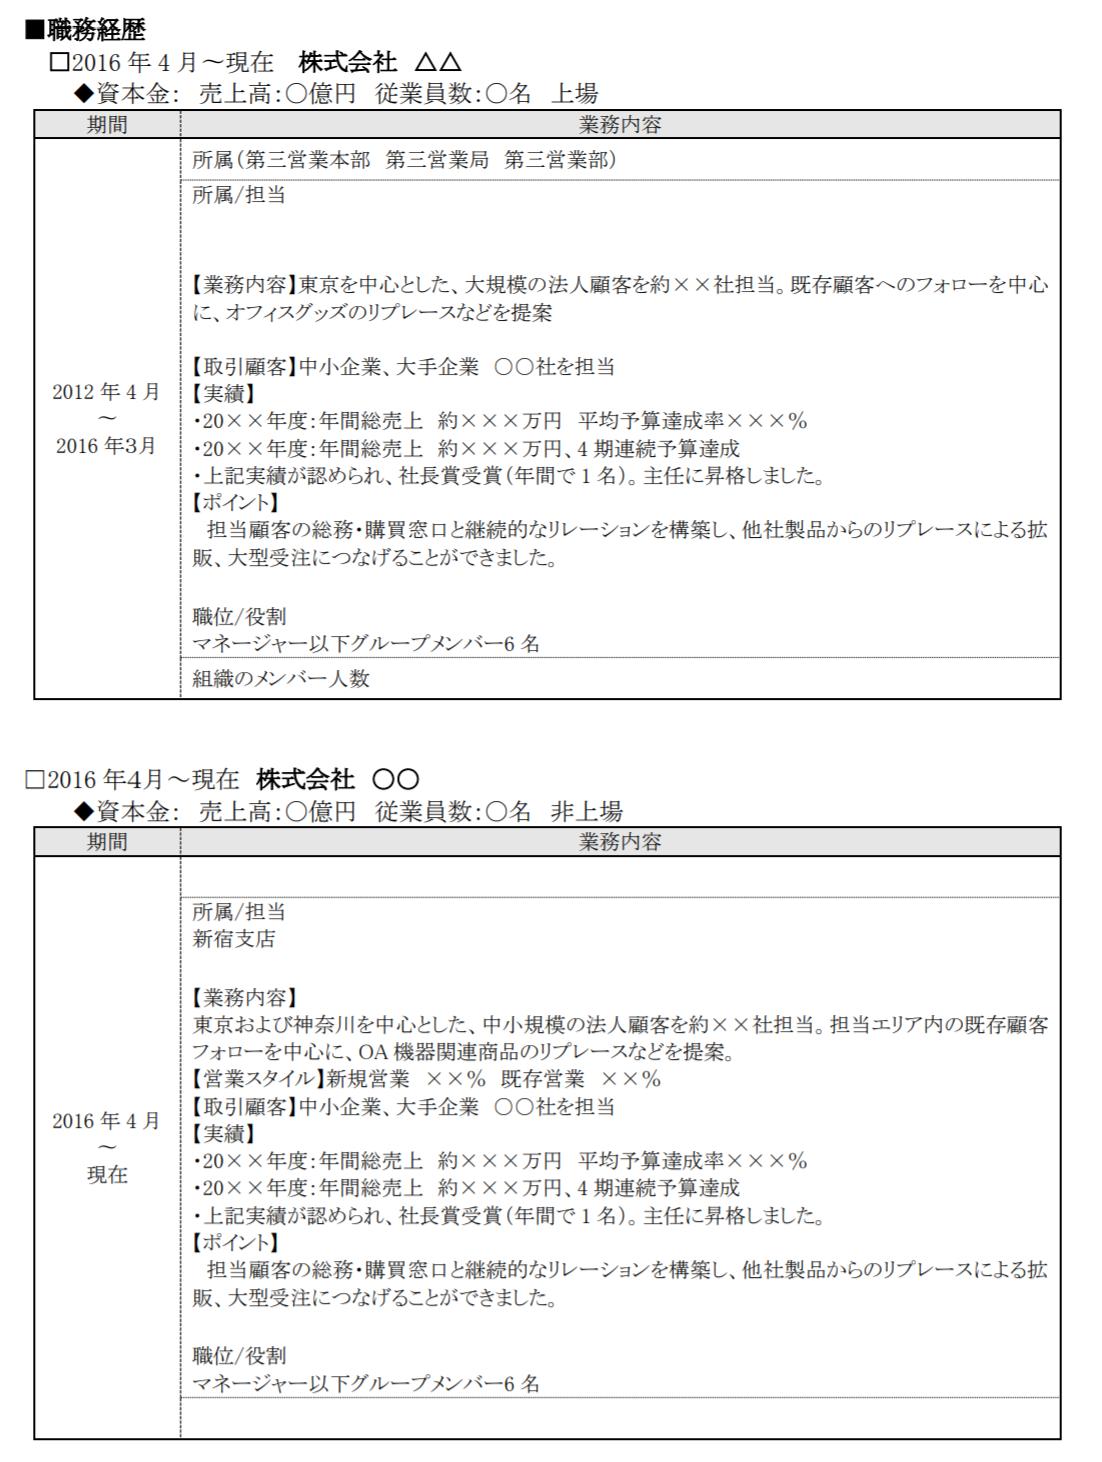 一般的な形式(編年体式)で作成された職務経歴書